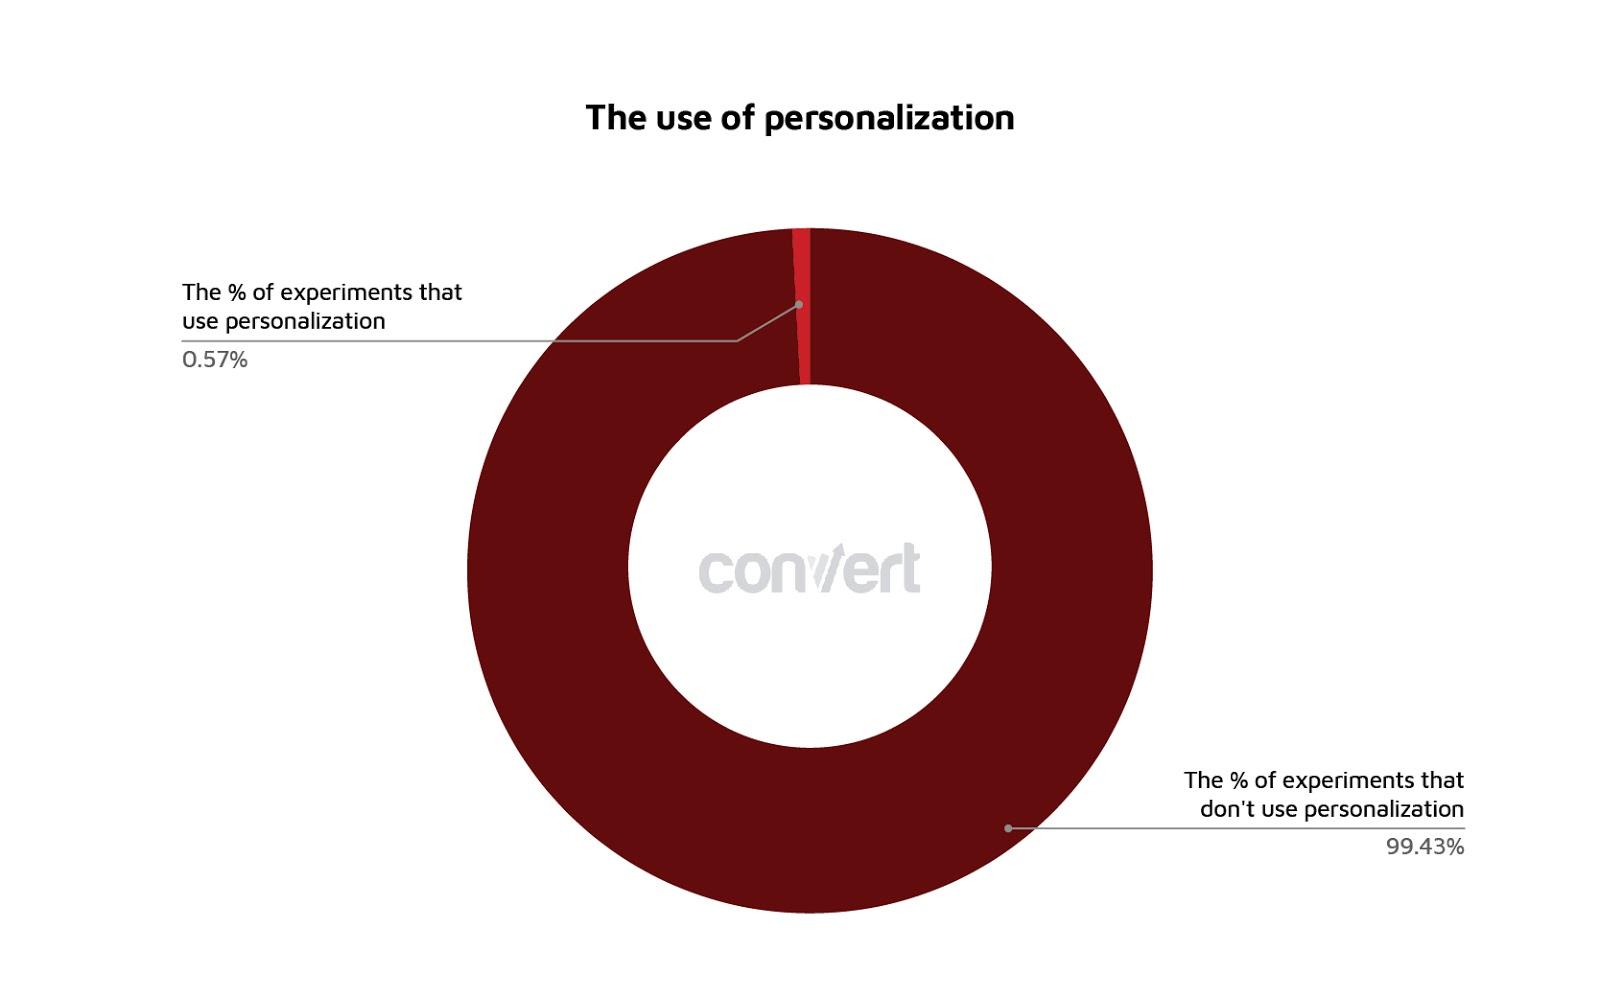 grafico che mostra l'uso della personalizzazione nella sperimentazione.